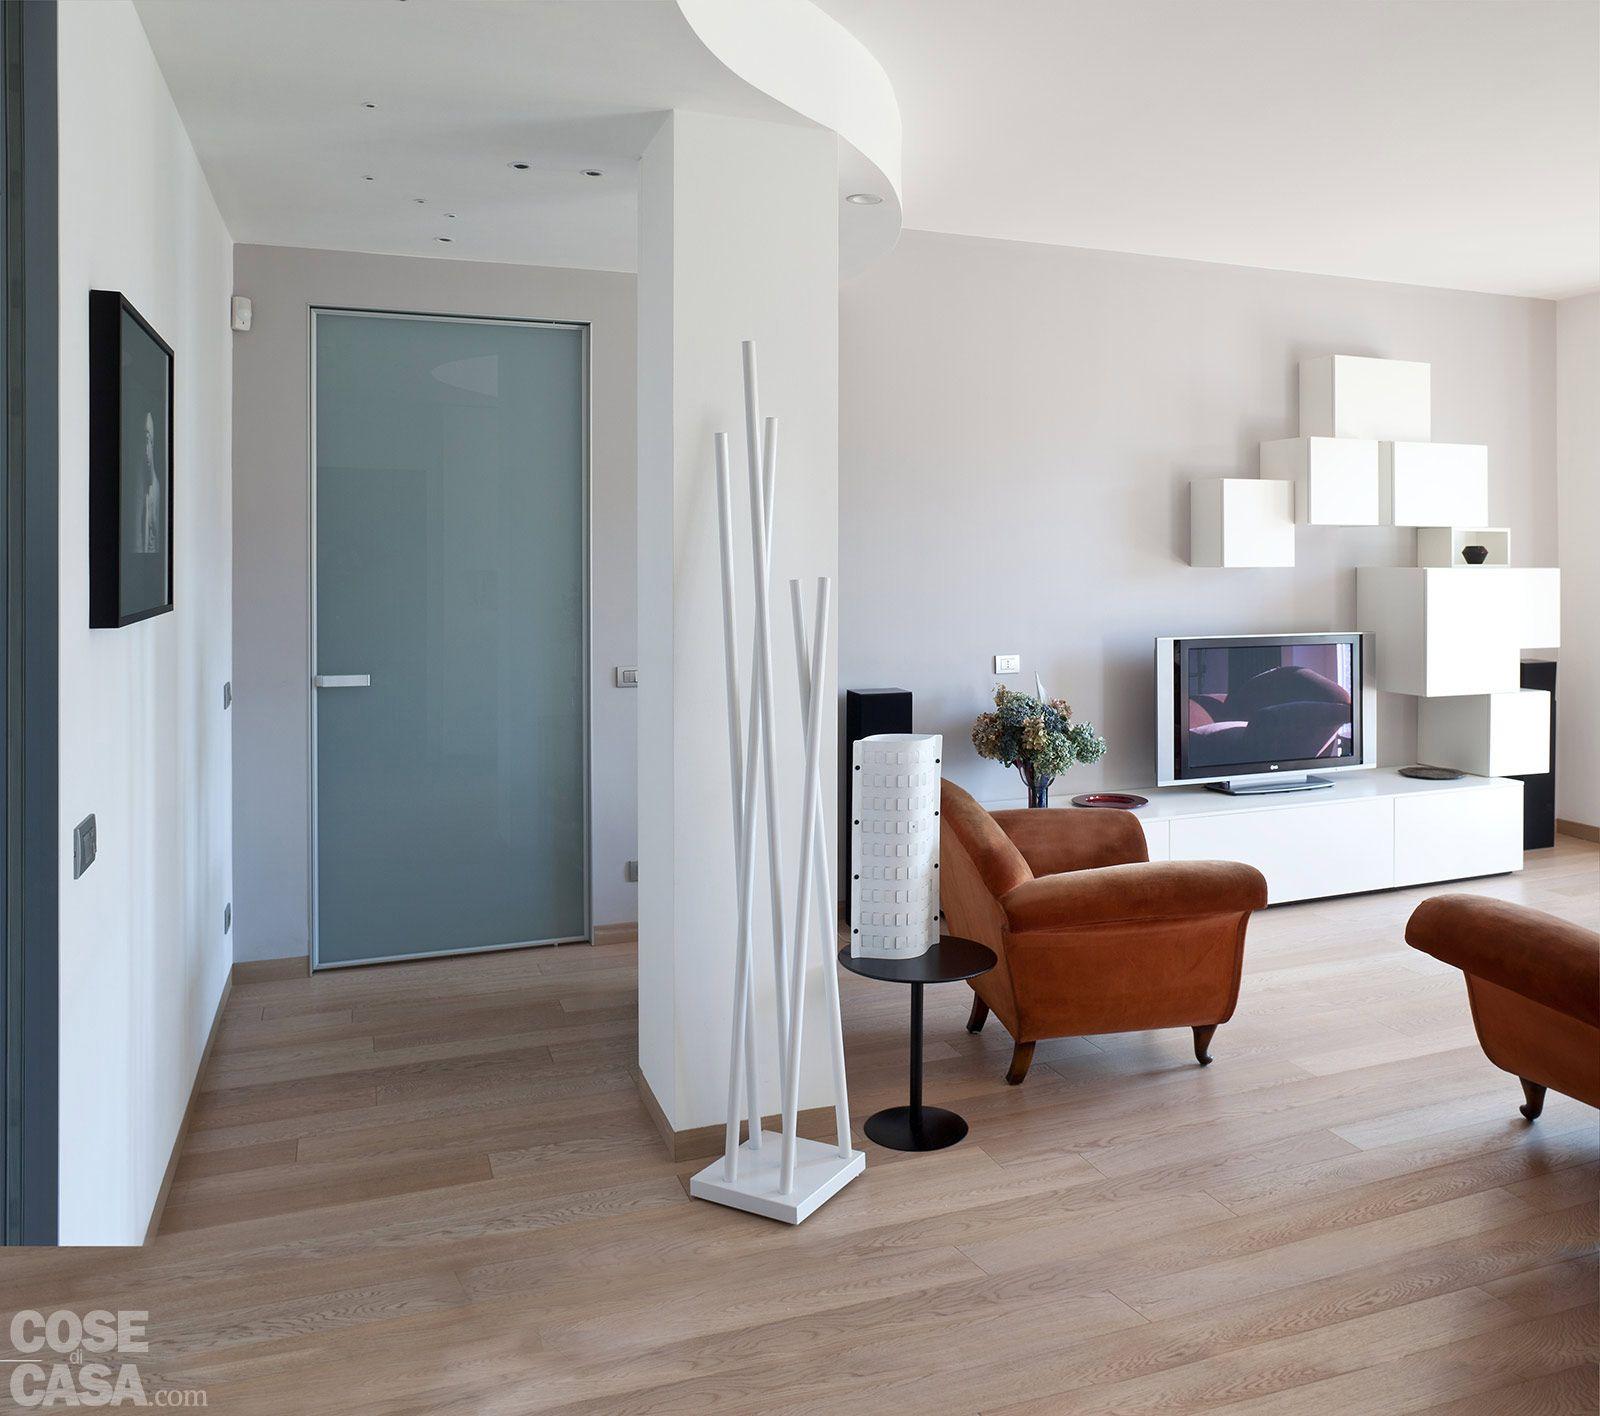 creare ingresso in soggiorno - Cerca con Google | kiki | Pinterest ...